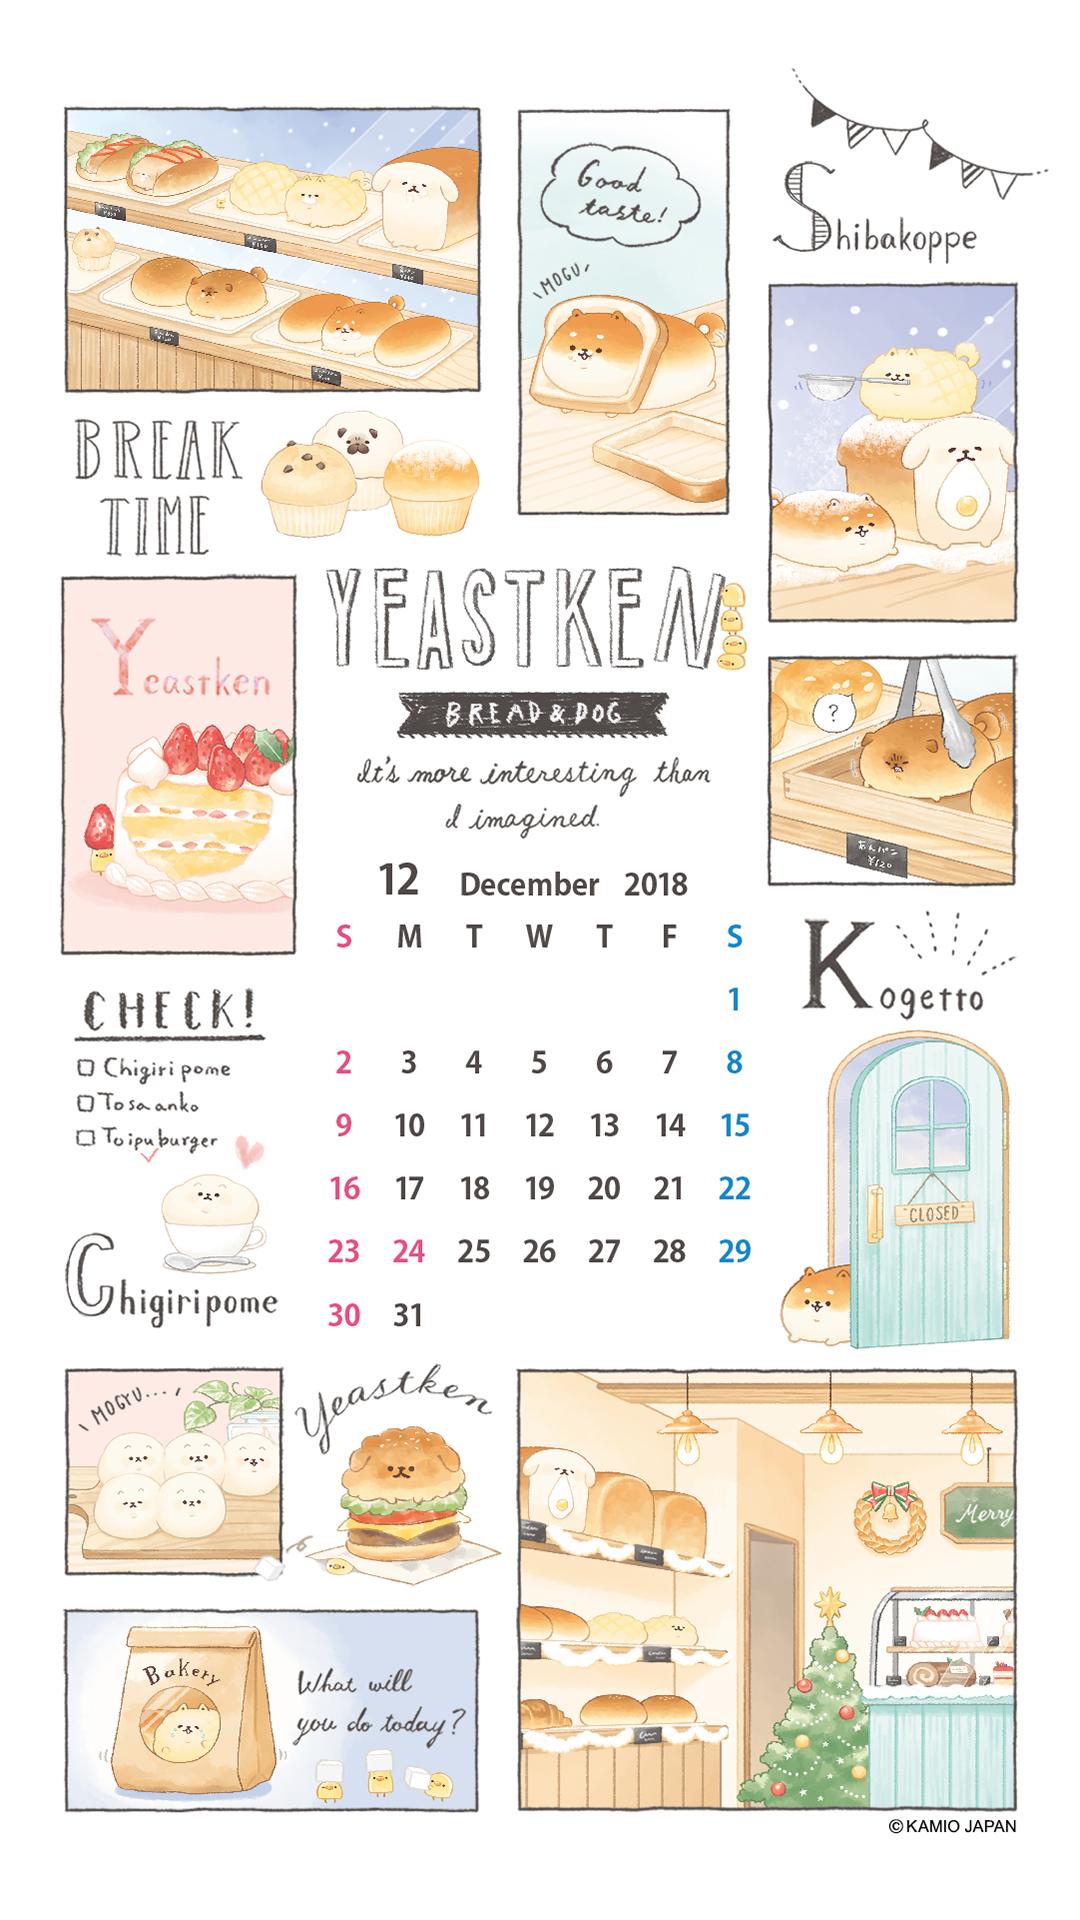 12月壁紙カレンダー配布 ニュース 株式会社カミオジャパン ファンシーグッズの企画 デザイン 製造 販売